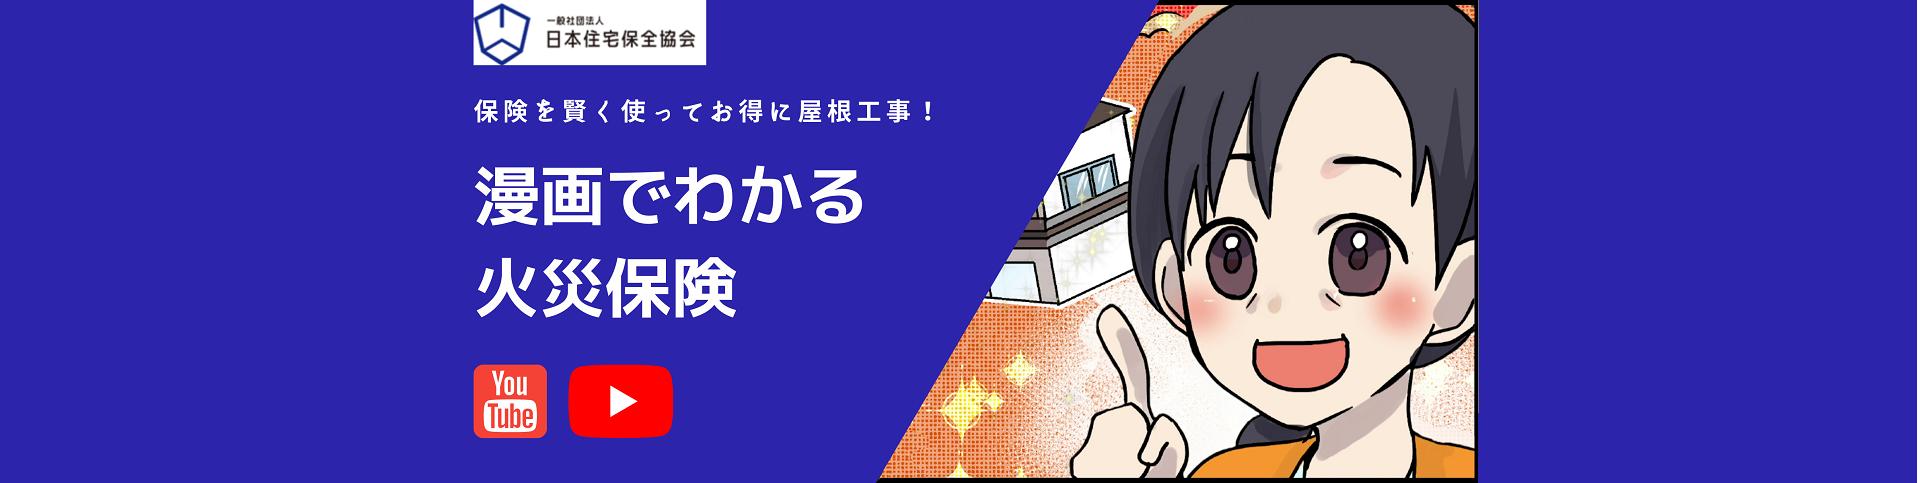 【漫画でわかる】火災保険申請